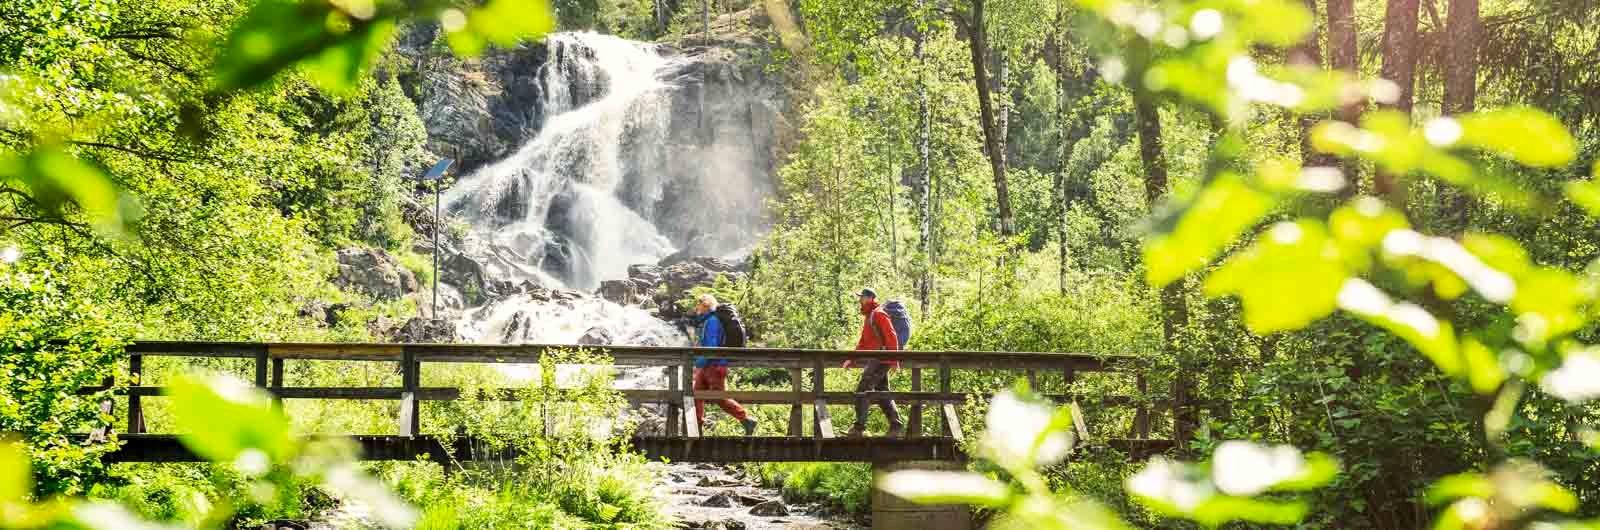 Par vandrar över bro längs Bohusleden